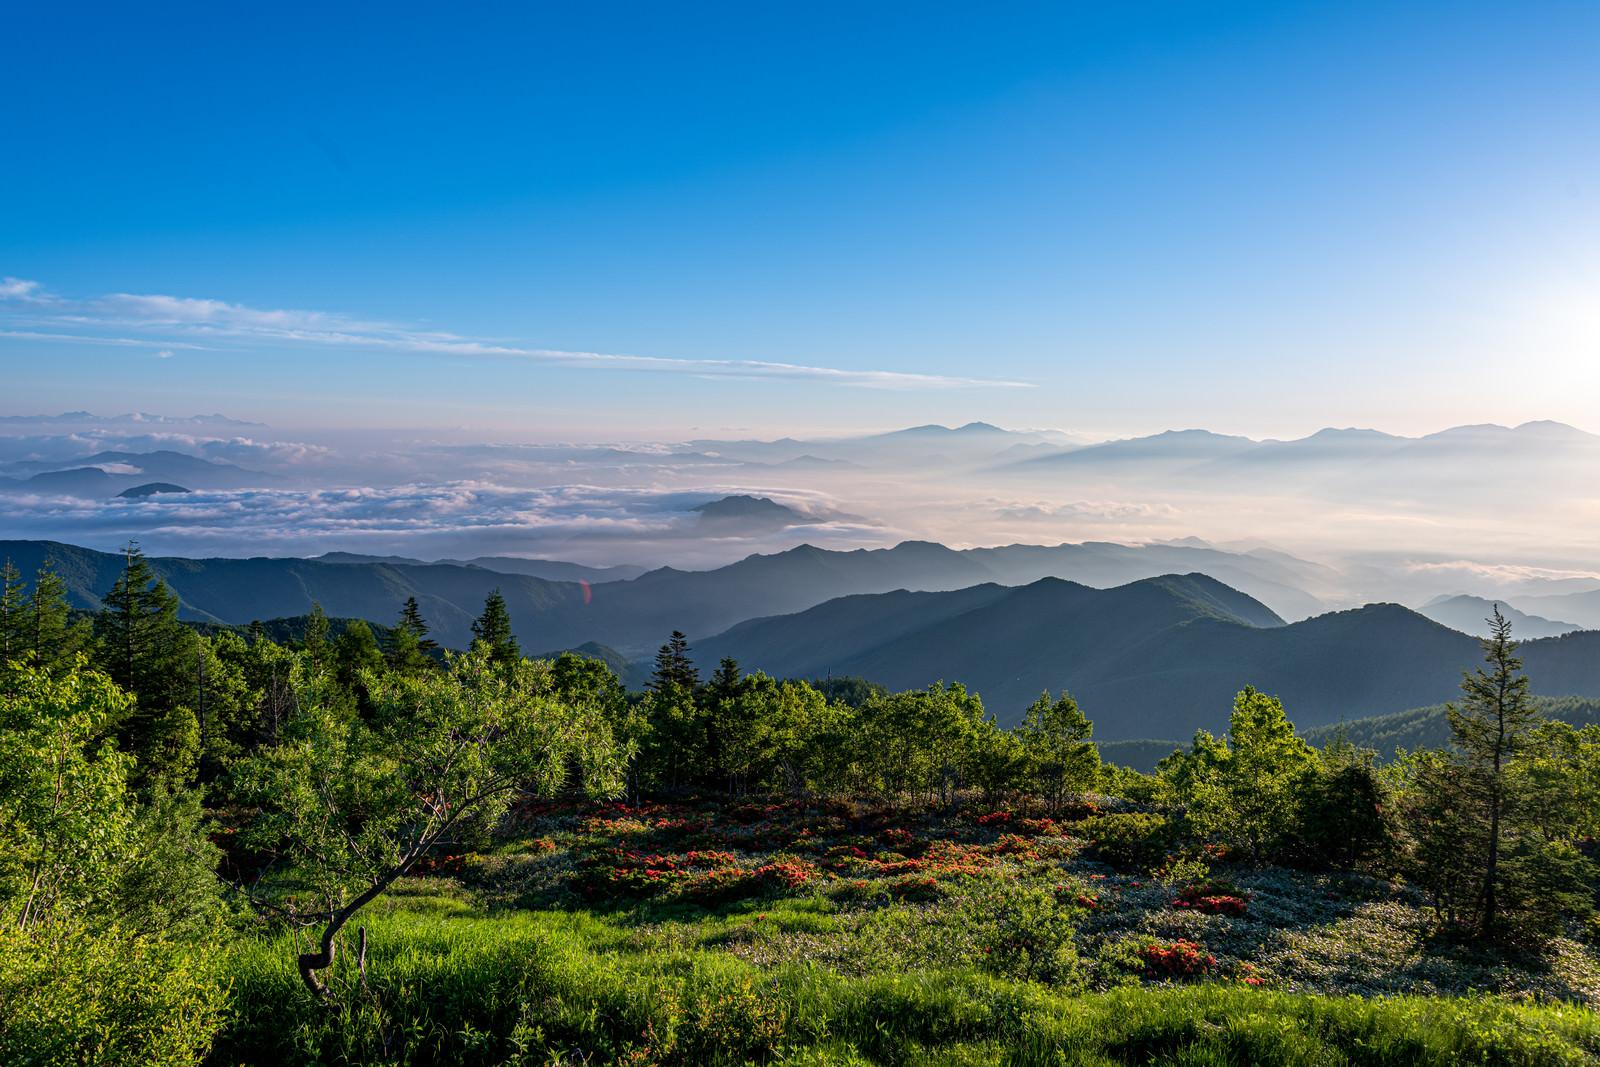 「山頂から見る雲海と山並み」の写真